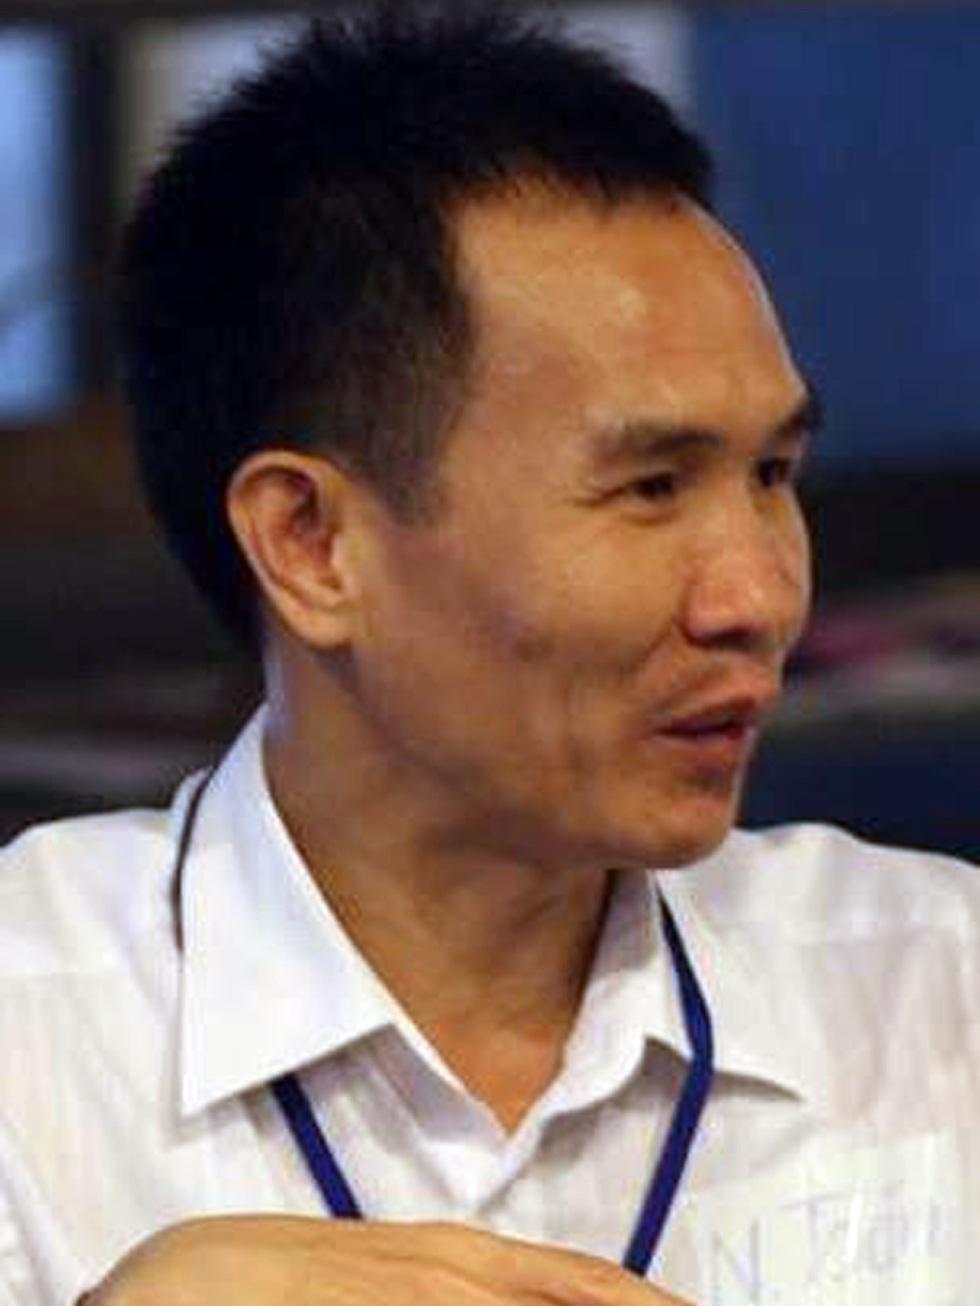 Thạc sĩ tâm lý Ngô Toàn